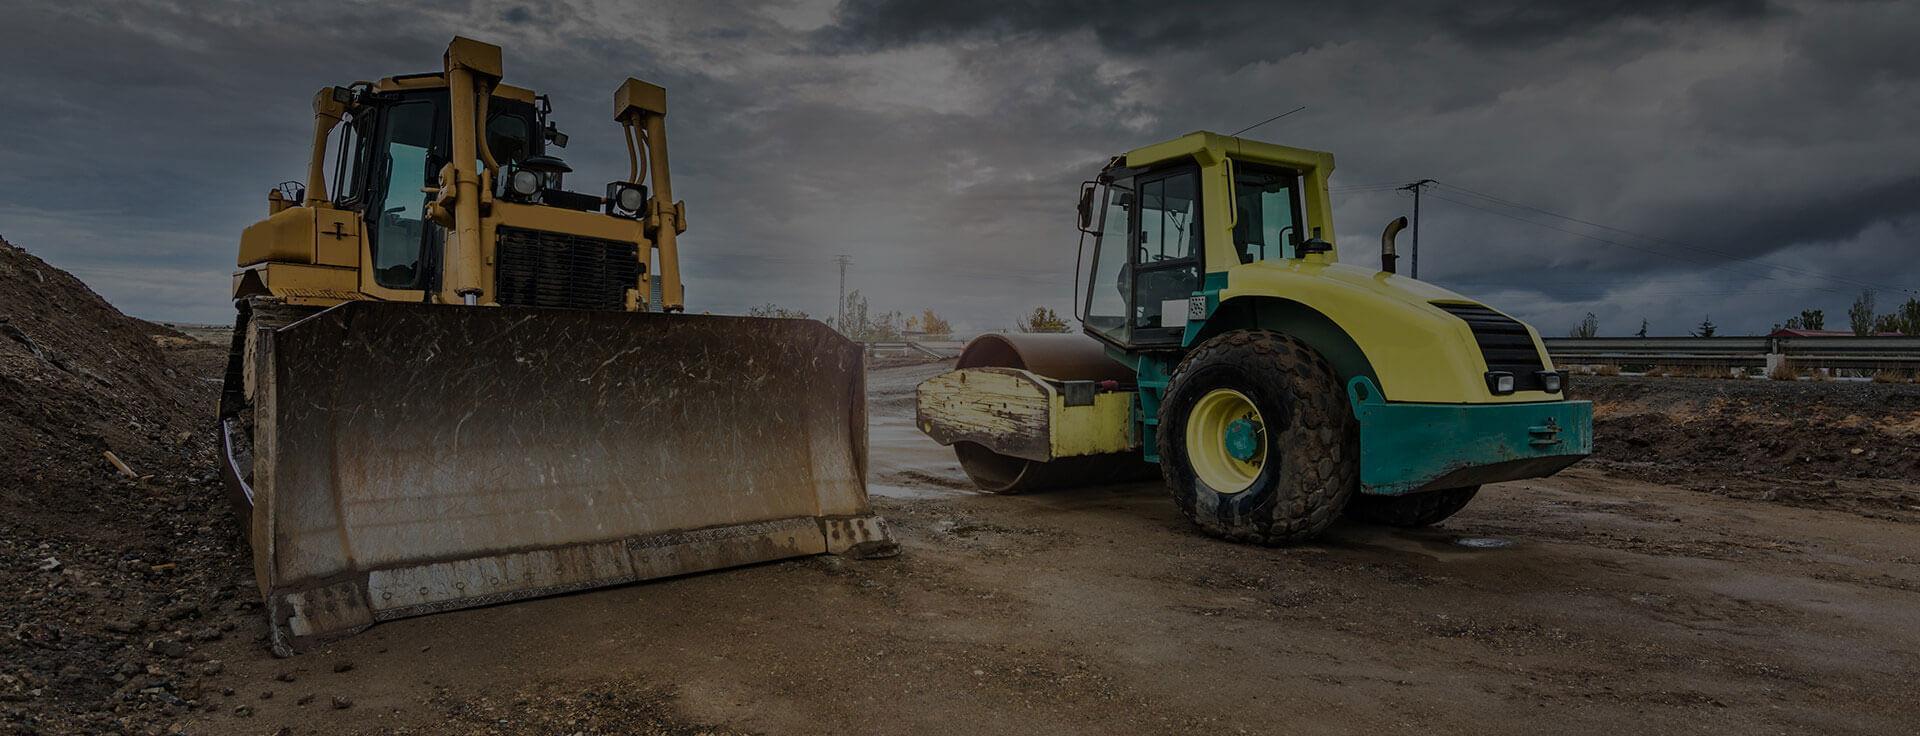 slider-mining-construction